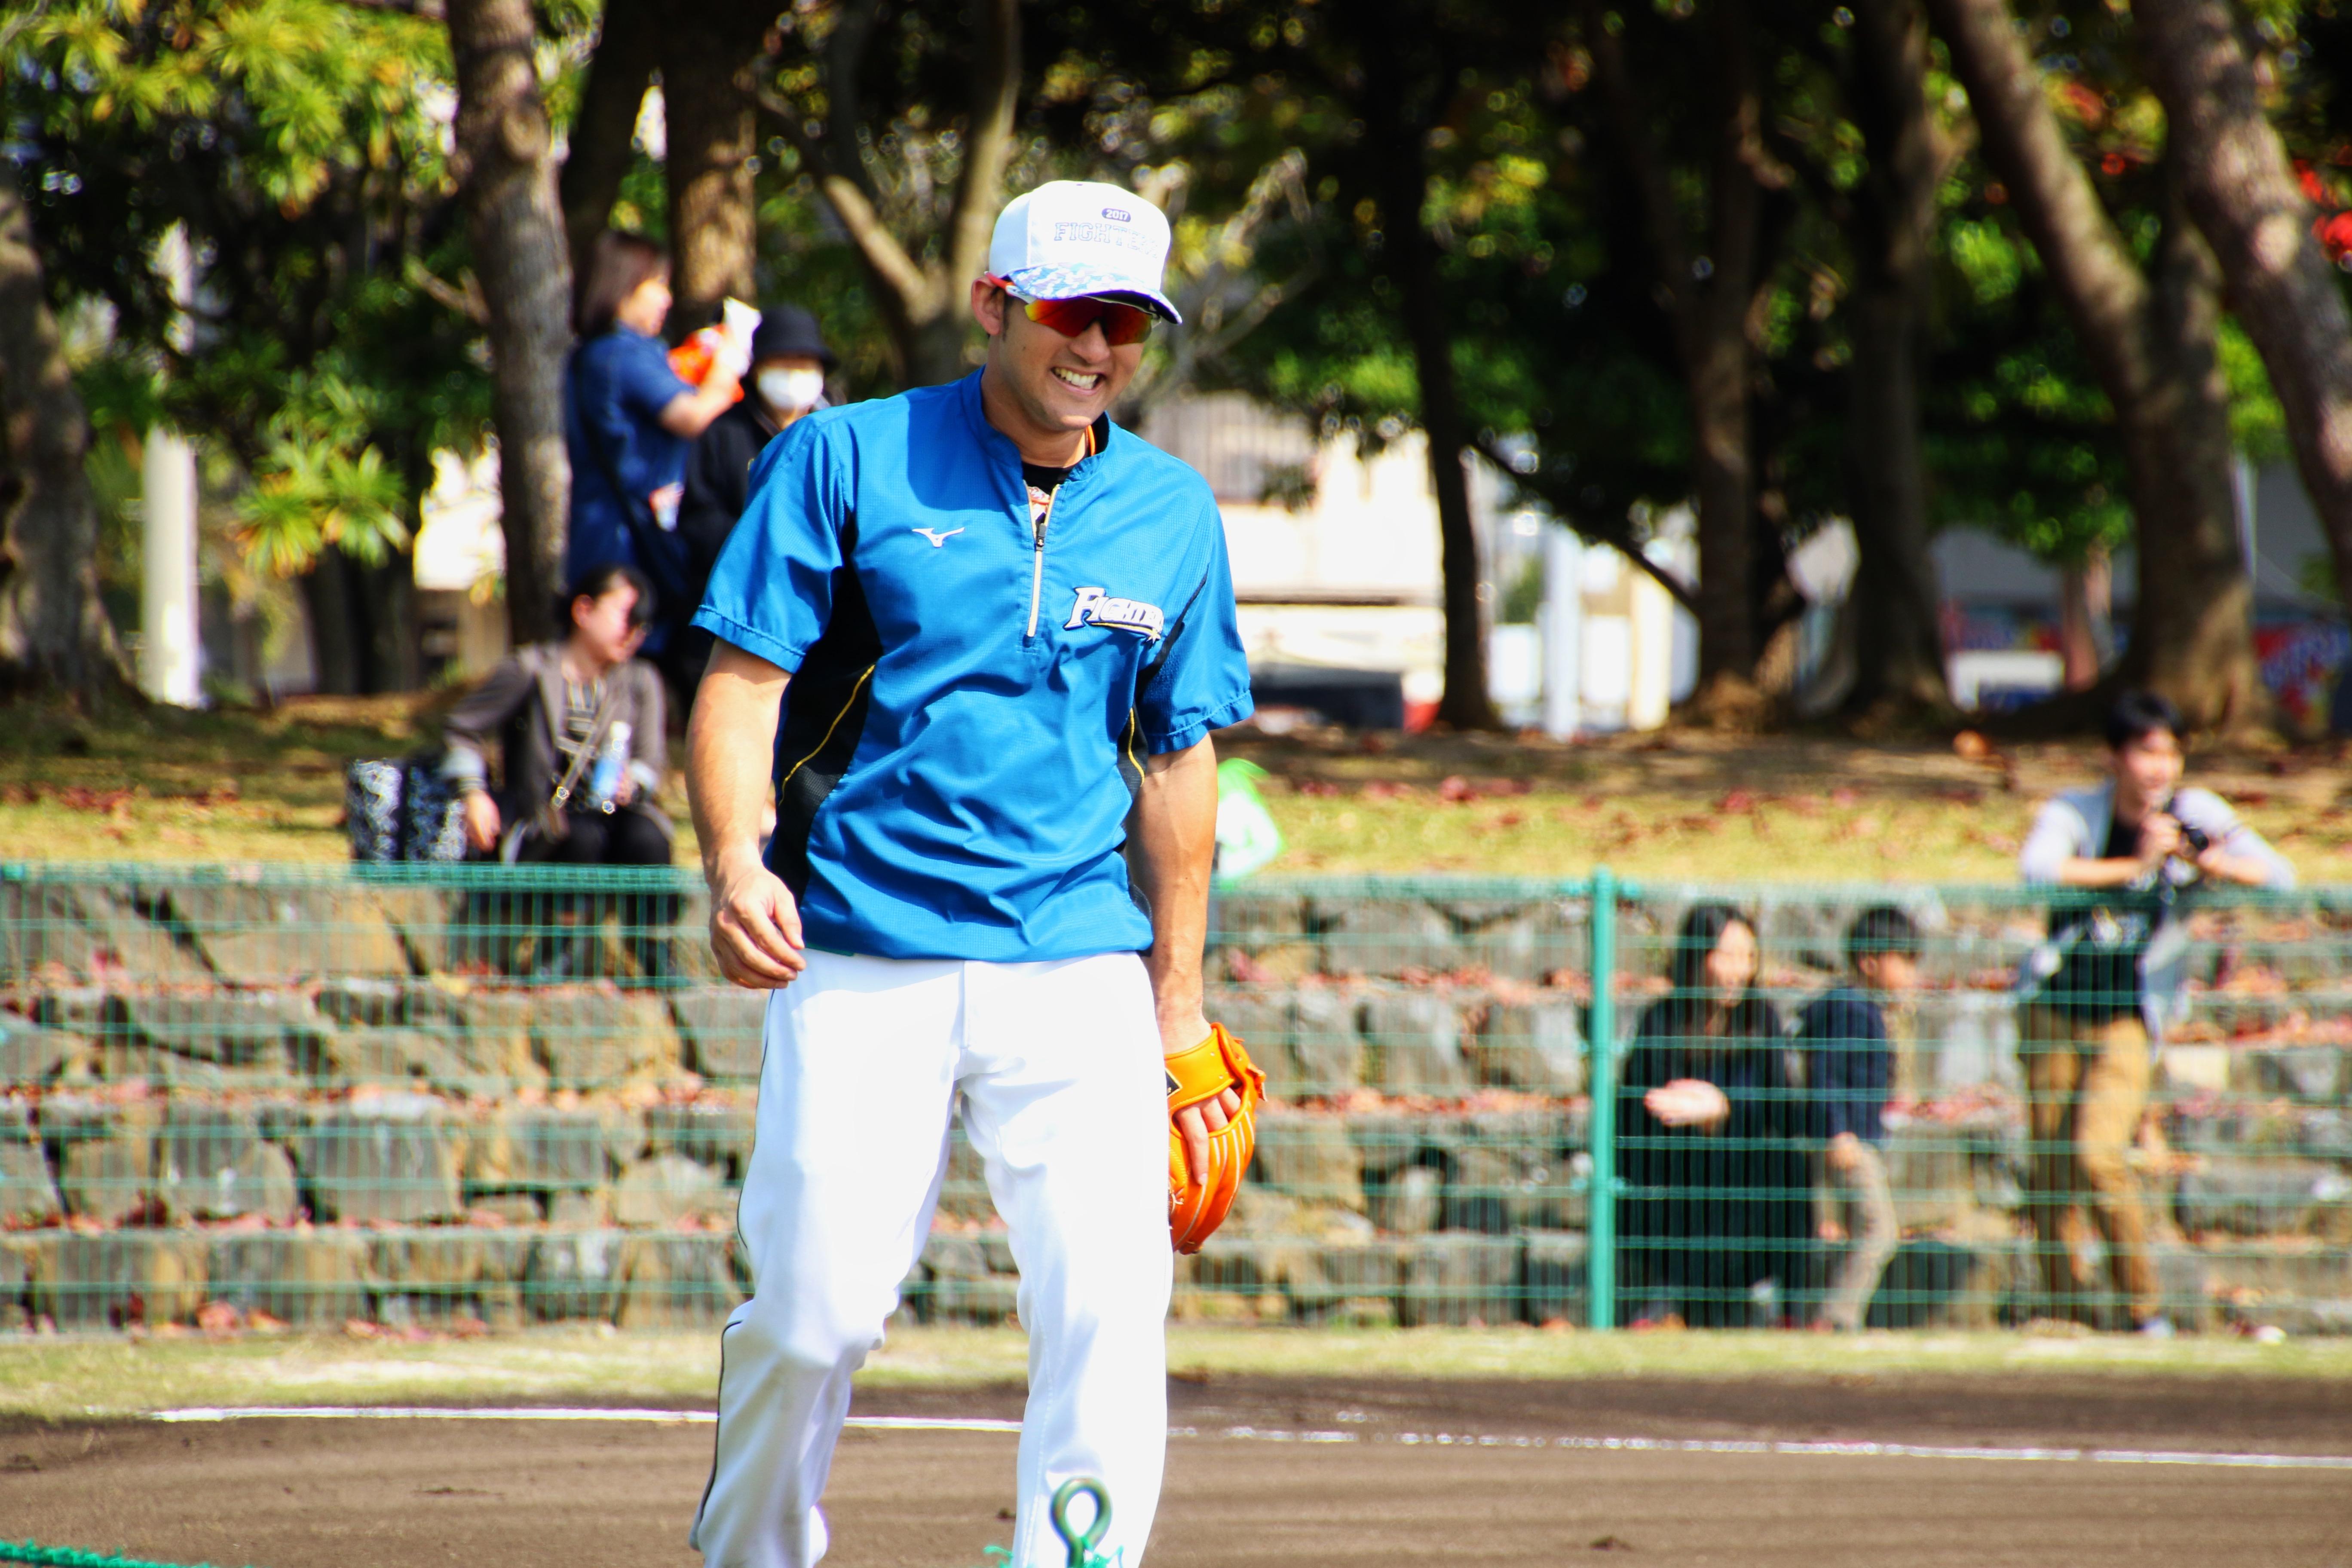 プロ野球キャンプ 日本ハム杉谷拳士©田中將介